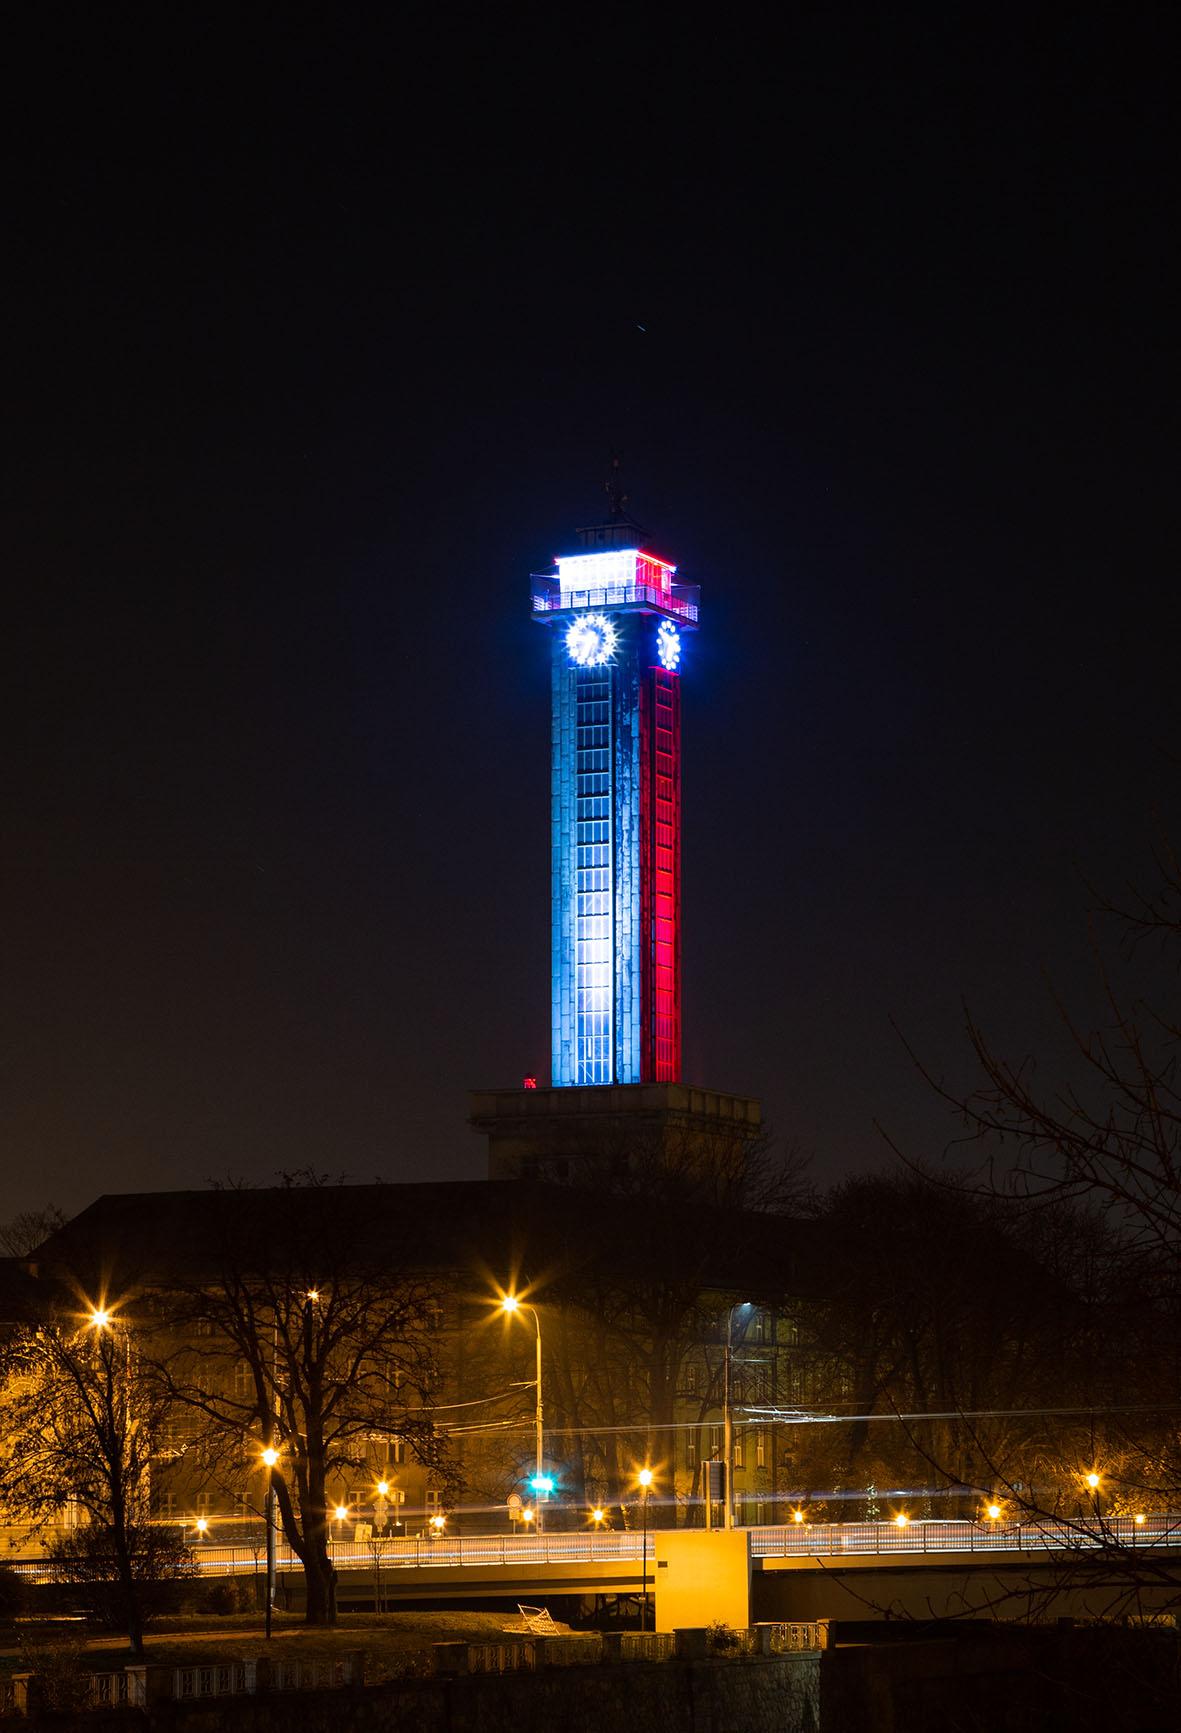 Ostrava_Radniční věž v polských barvách 1.jpg